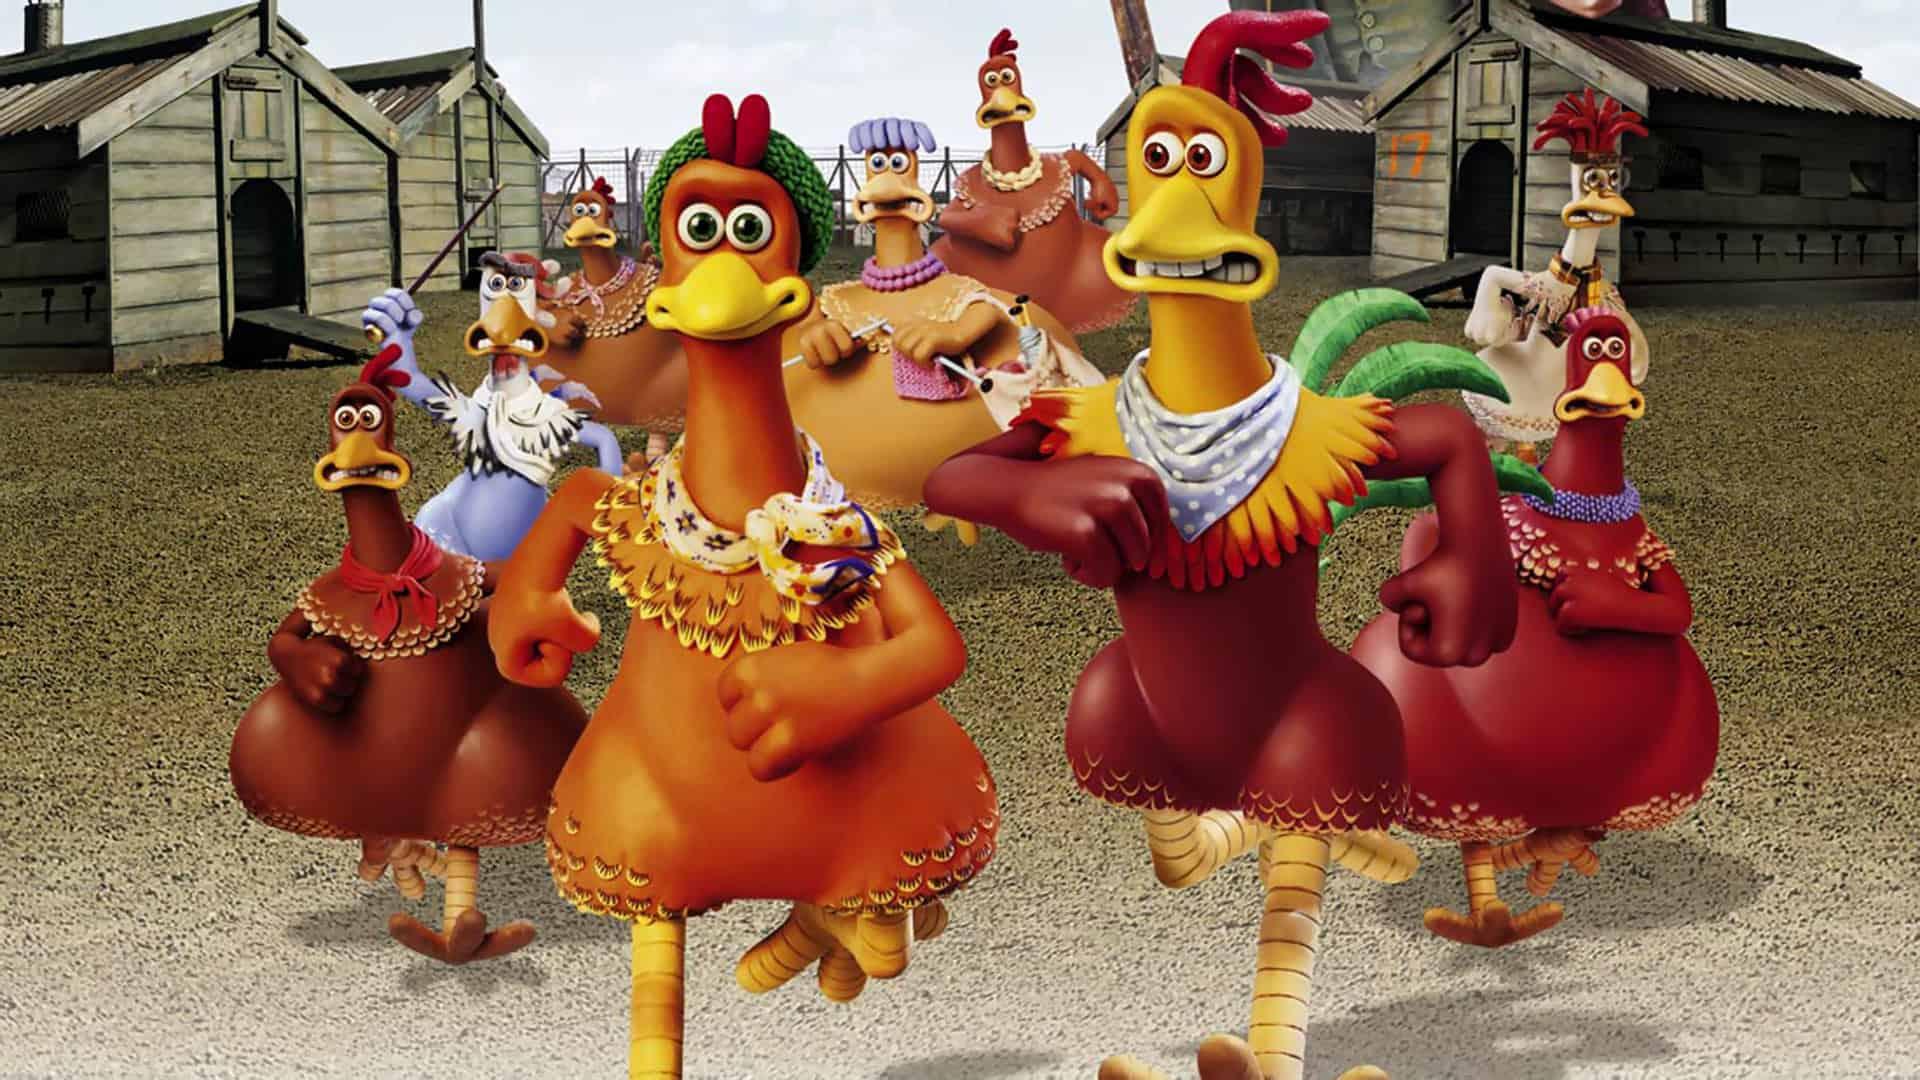 chicken run 2 sequel netflix